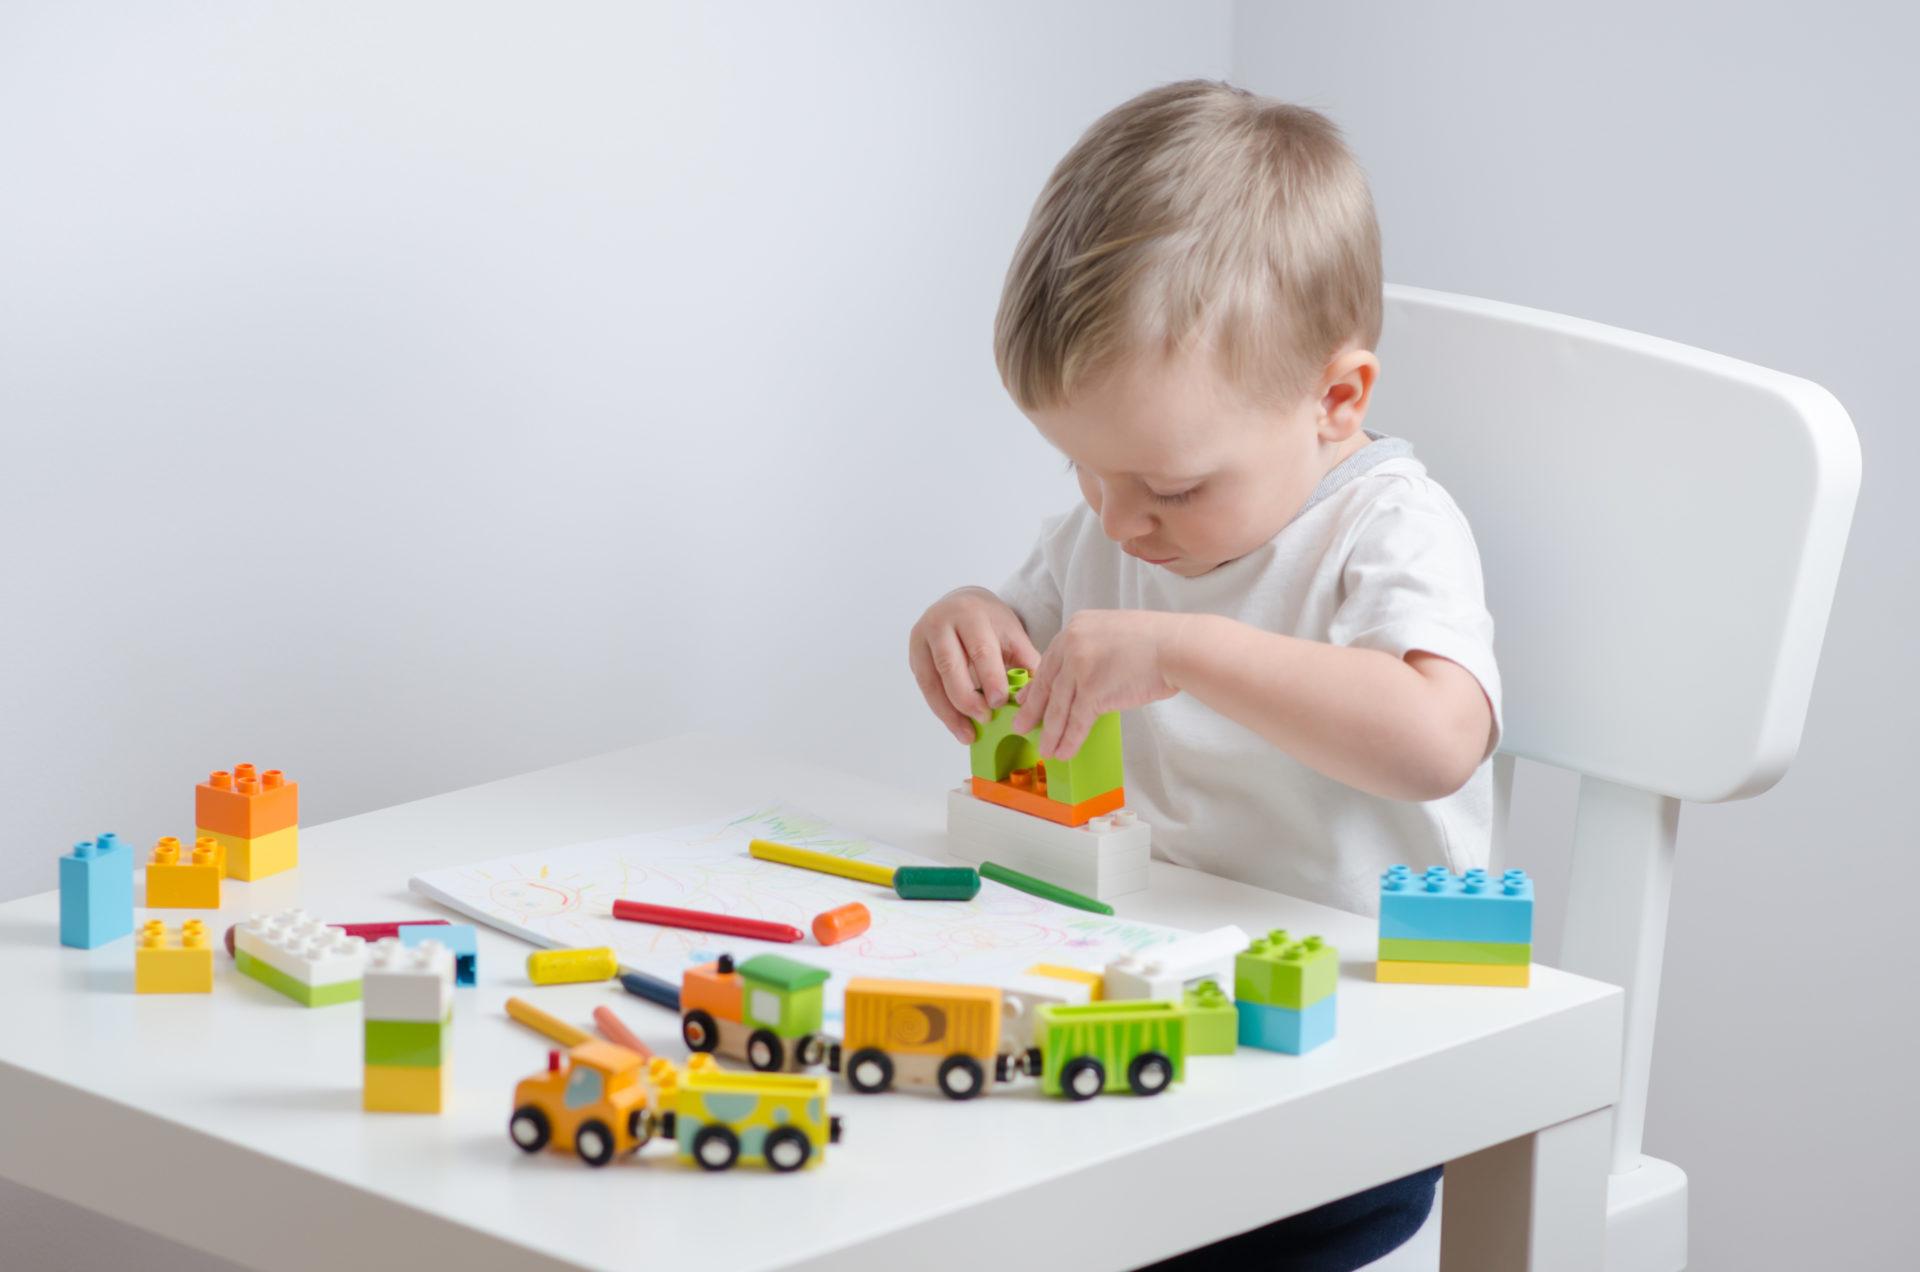 Motricité Jeux Et Jouets, Idées Cadeaux Pour Enfant De 12 concernant Jeux Educatif Gratuit 2 Ans